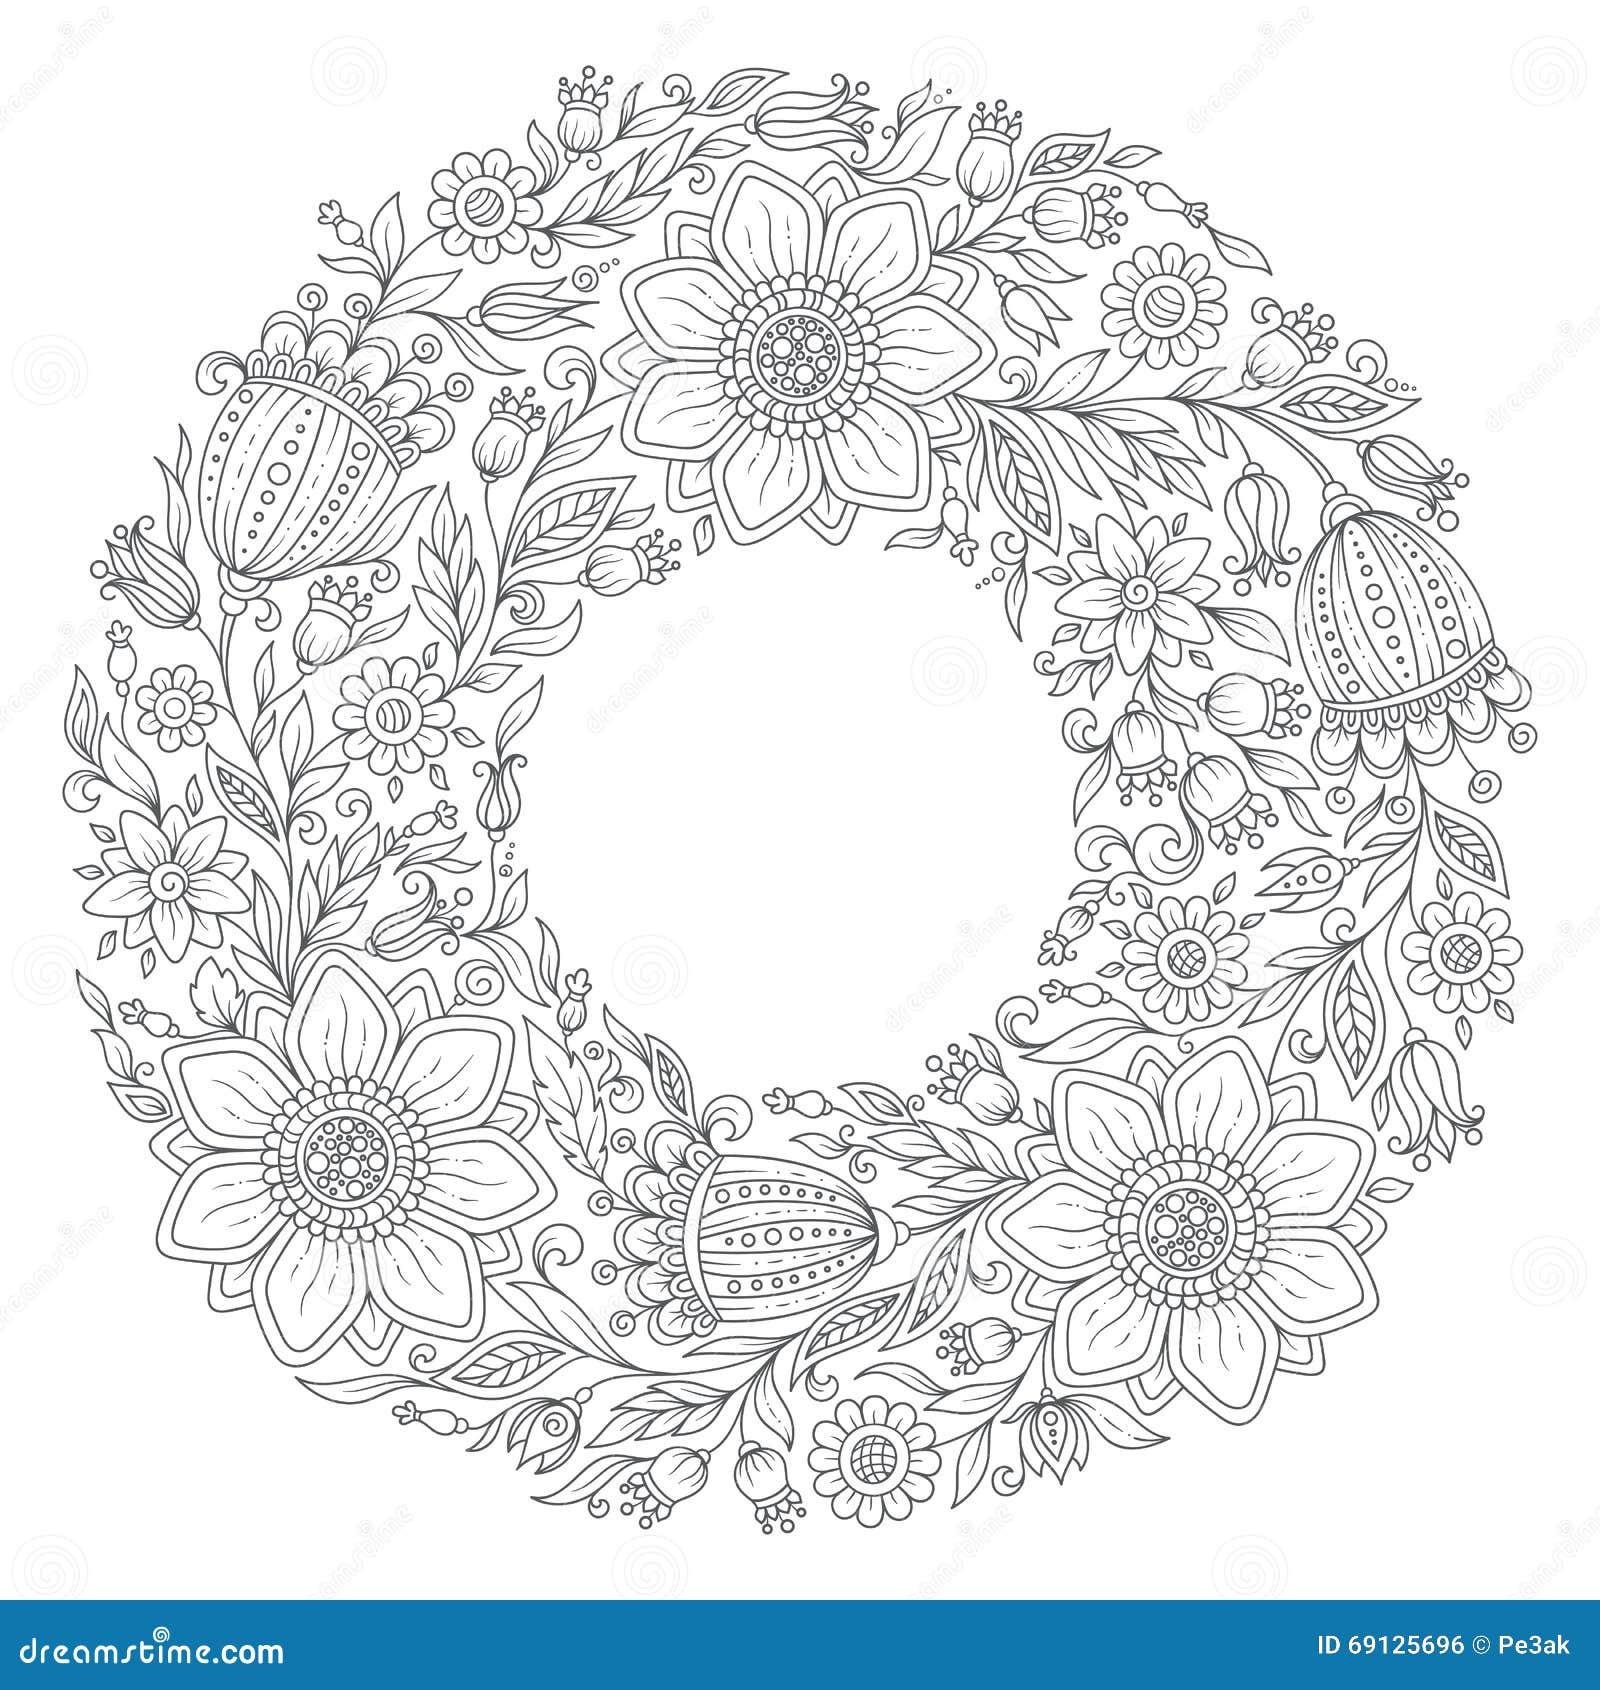 Coloriage Guirlande Fleurs.Guirlande De Fleurs Page De Livre De Coloriage Pour L Adulte